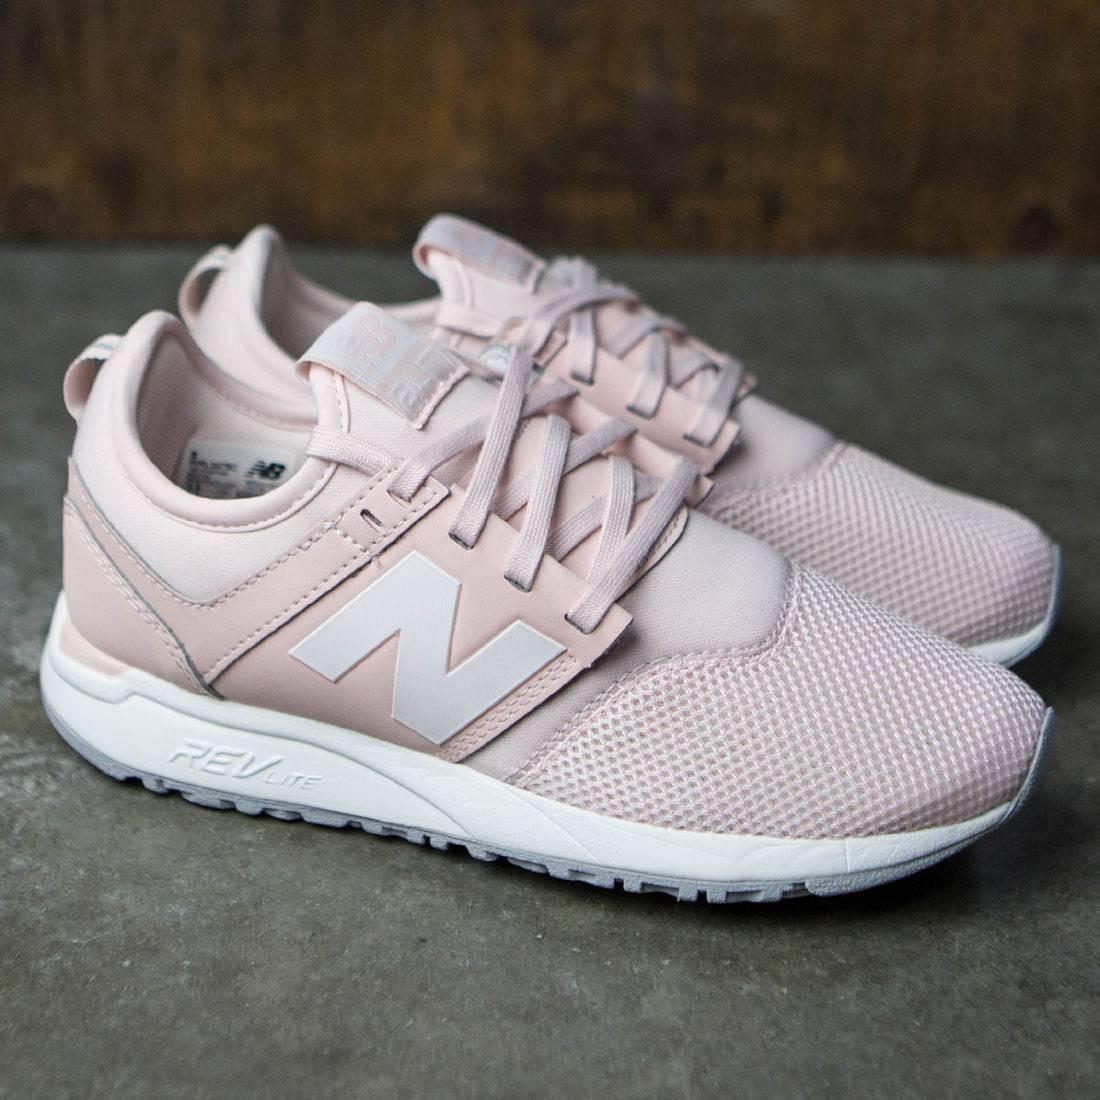 new balance 247 pink new balance shoes womens walking